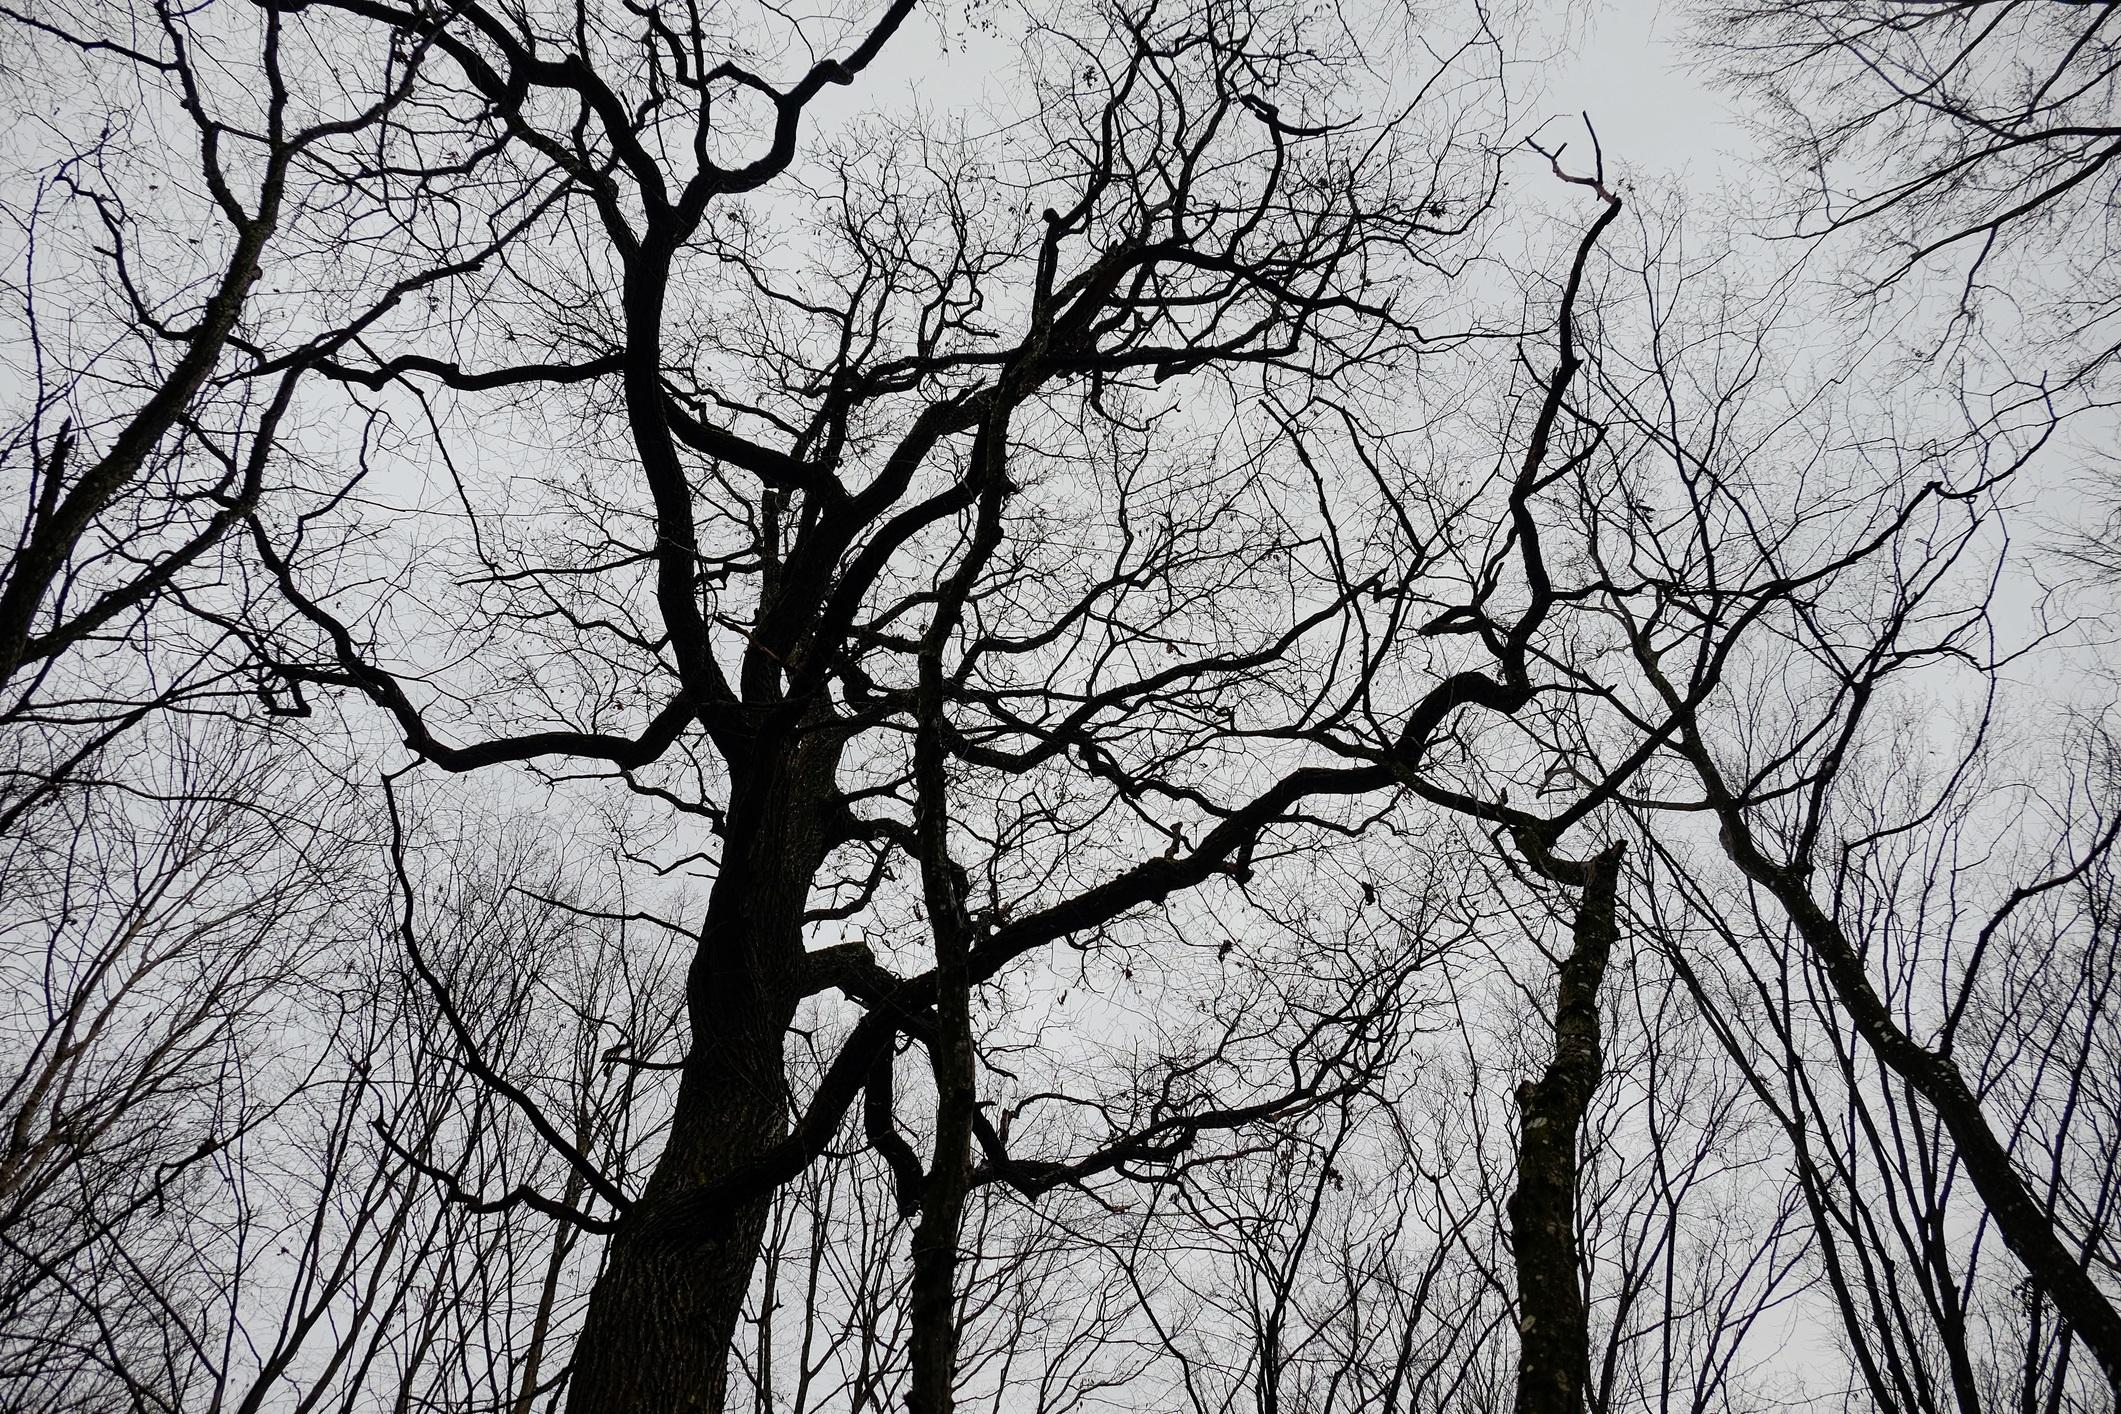 <p>Просеката озадачава учените и хората от десетилетия. Това е място, където нищо не расте и никога нищо не е пораствало, според официалните данни. Още по-странното е, че дърветата в тази част а гората растат в странни модели &ndash; зигзад и спирали, които никой не е могъл да обясни.</p>